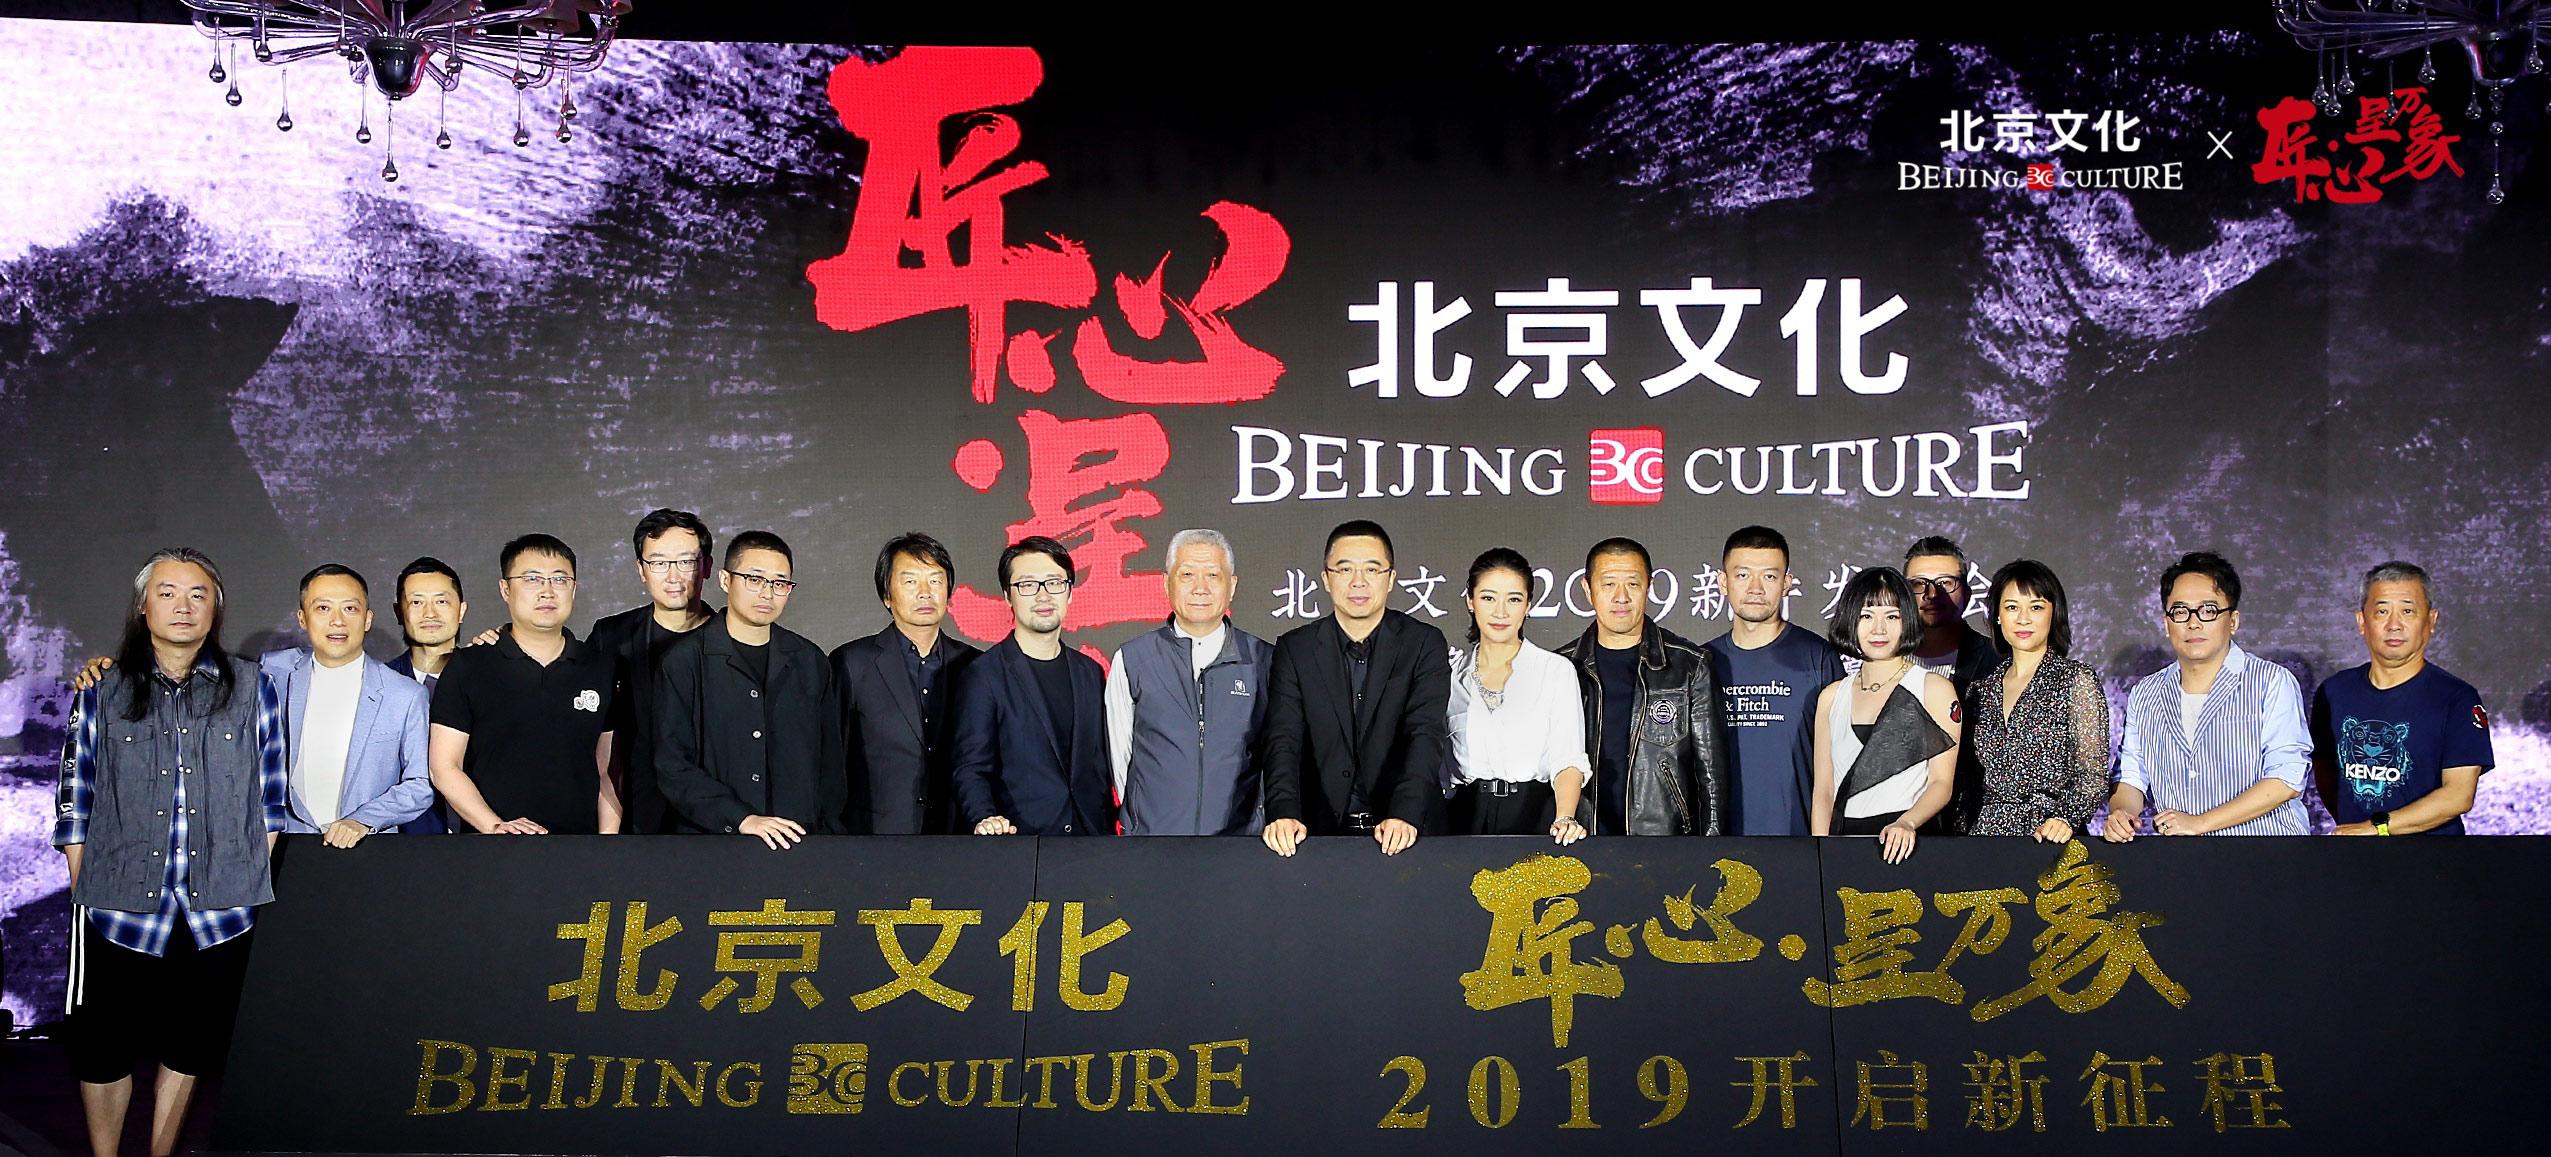 北京文化2019新片发布  匠心探索多元类型新篇章